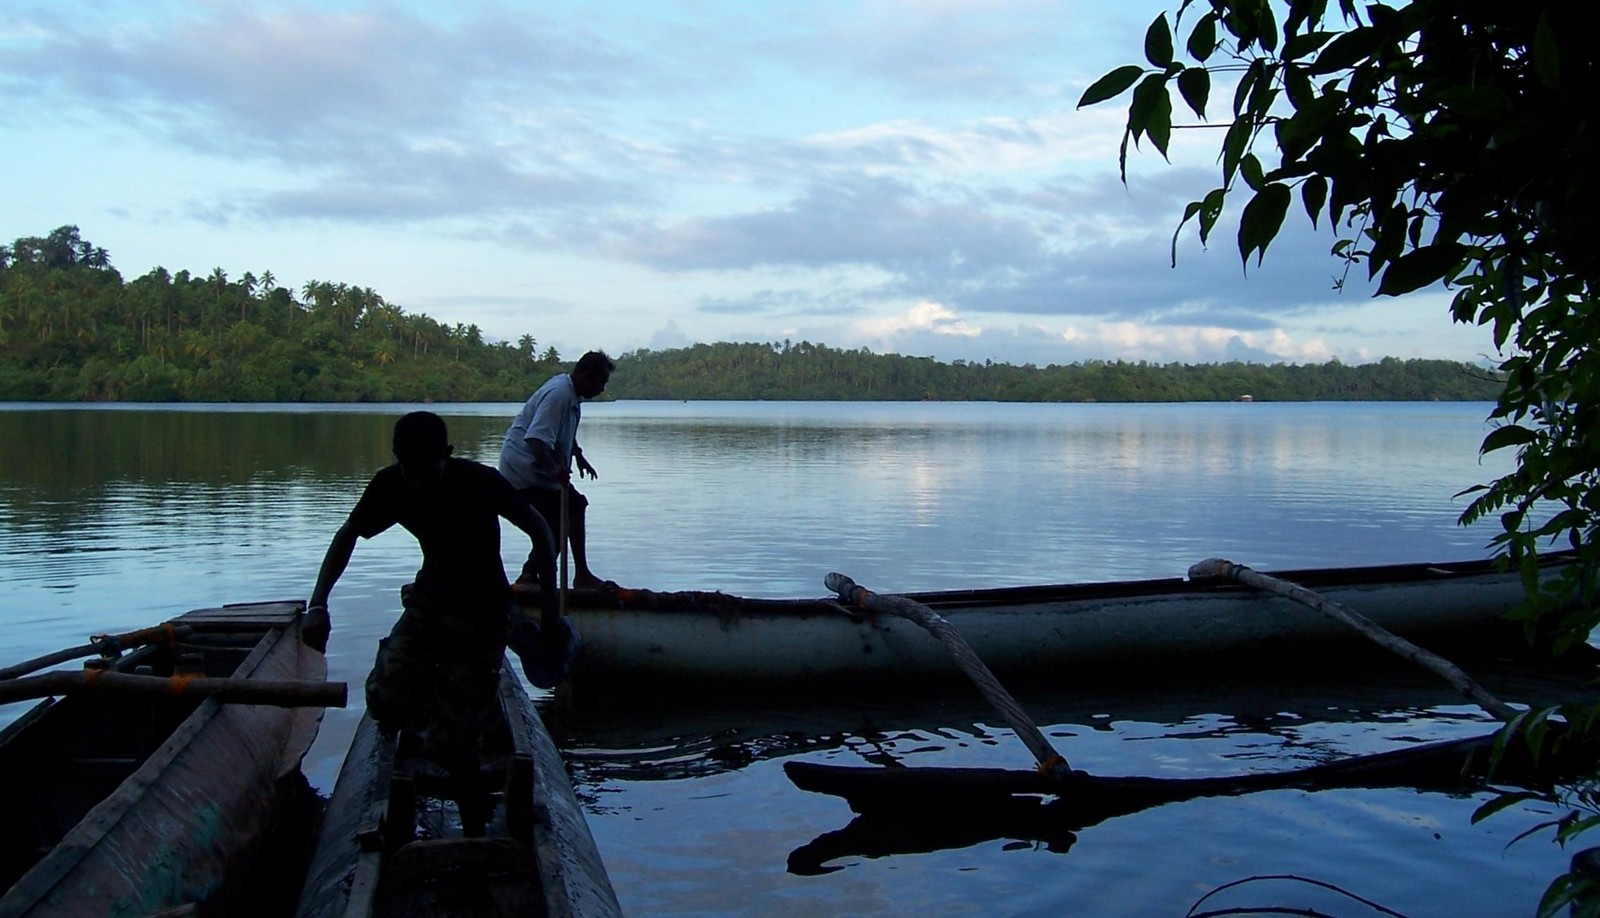 Ratgama Lake bei Dodanduwa